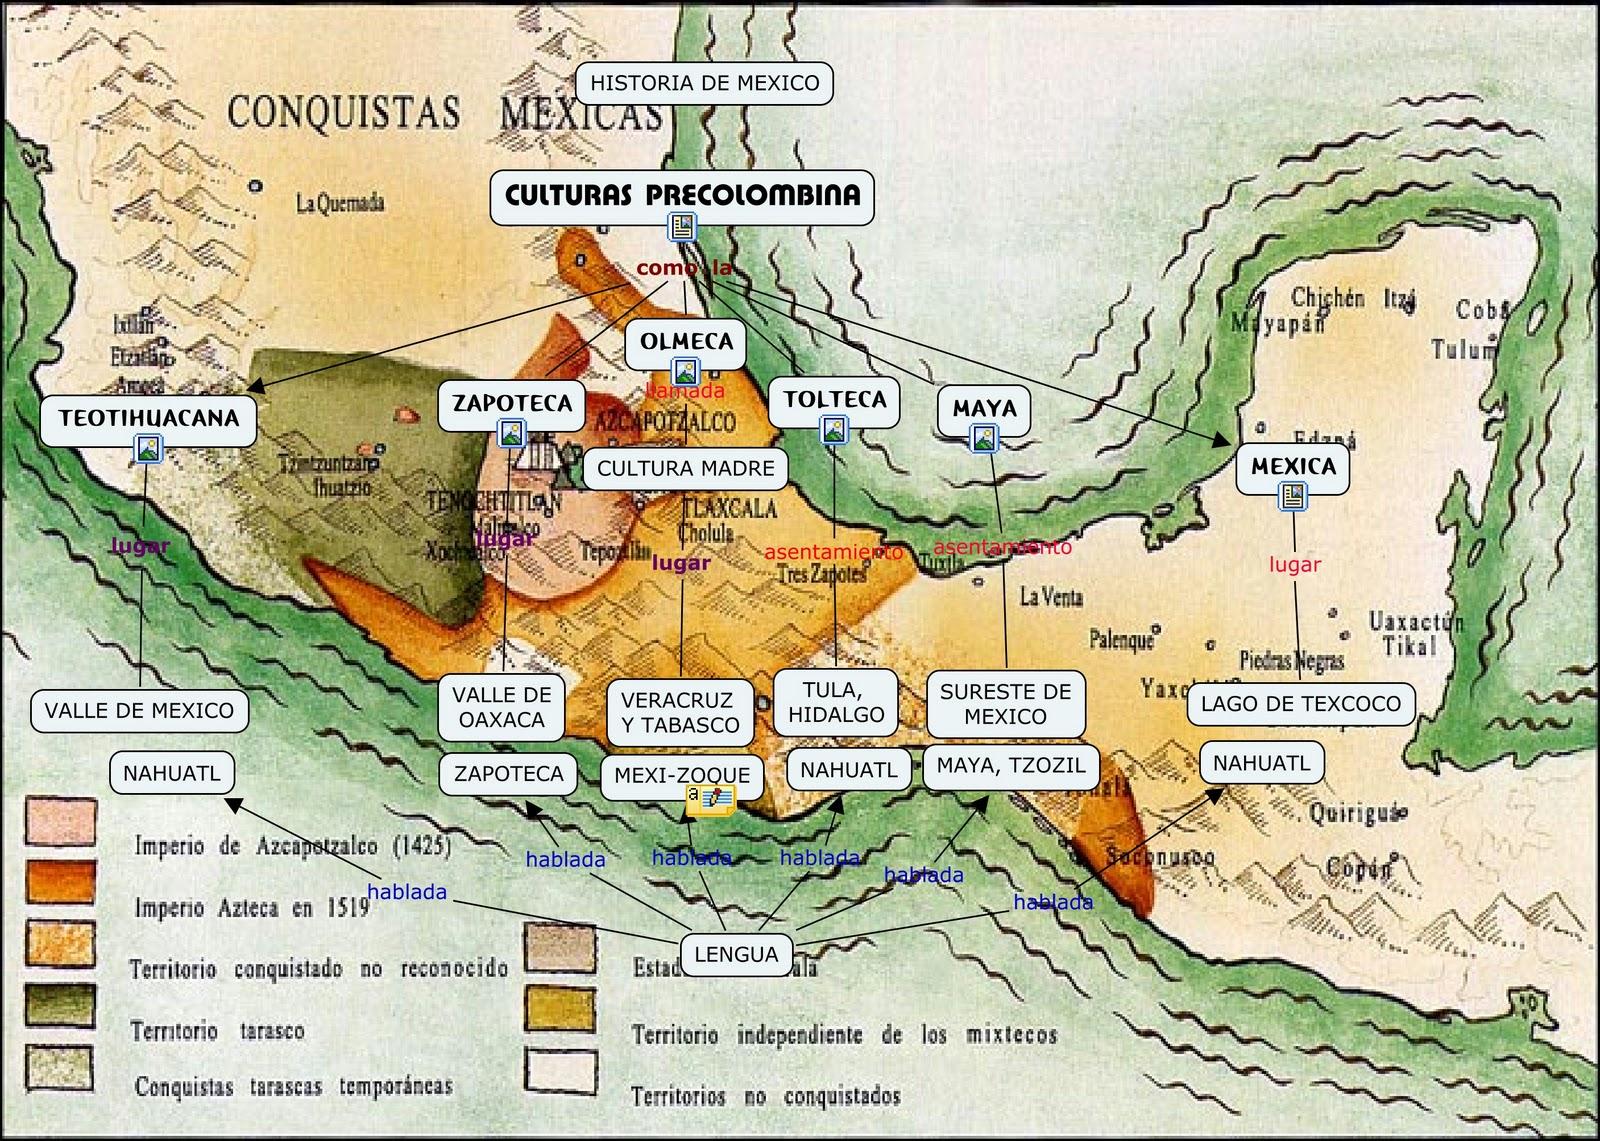 El Arte De Las Culturas Formativas De Mesoamérica: Hola Bienvenidos A Mi Blog